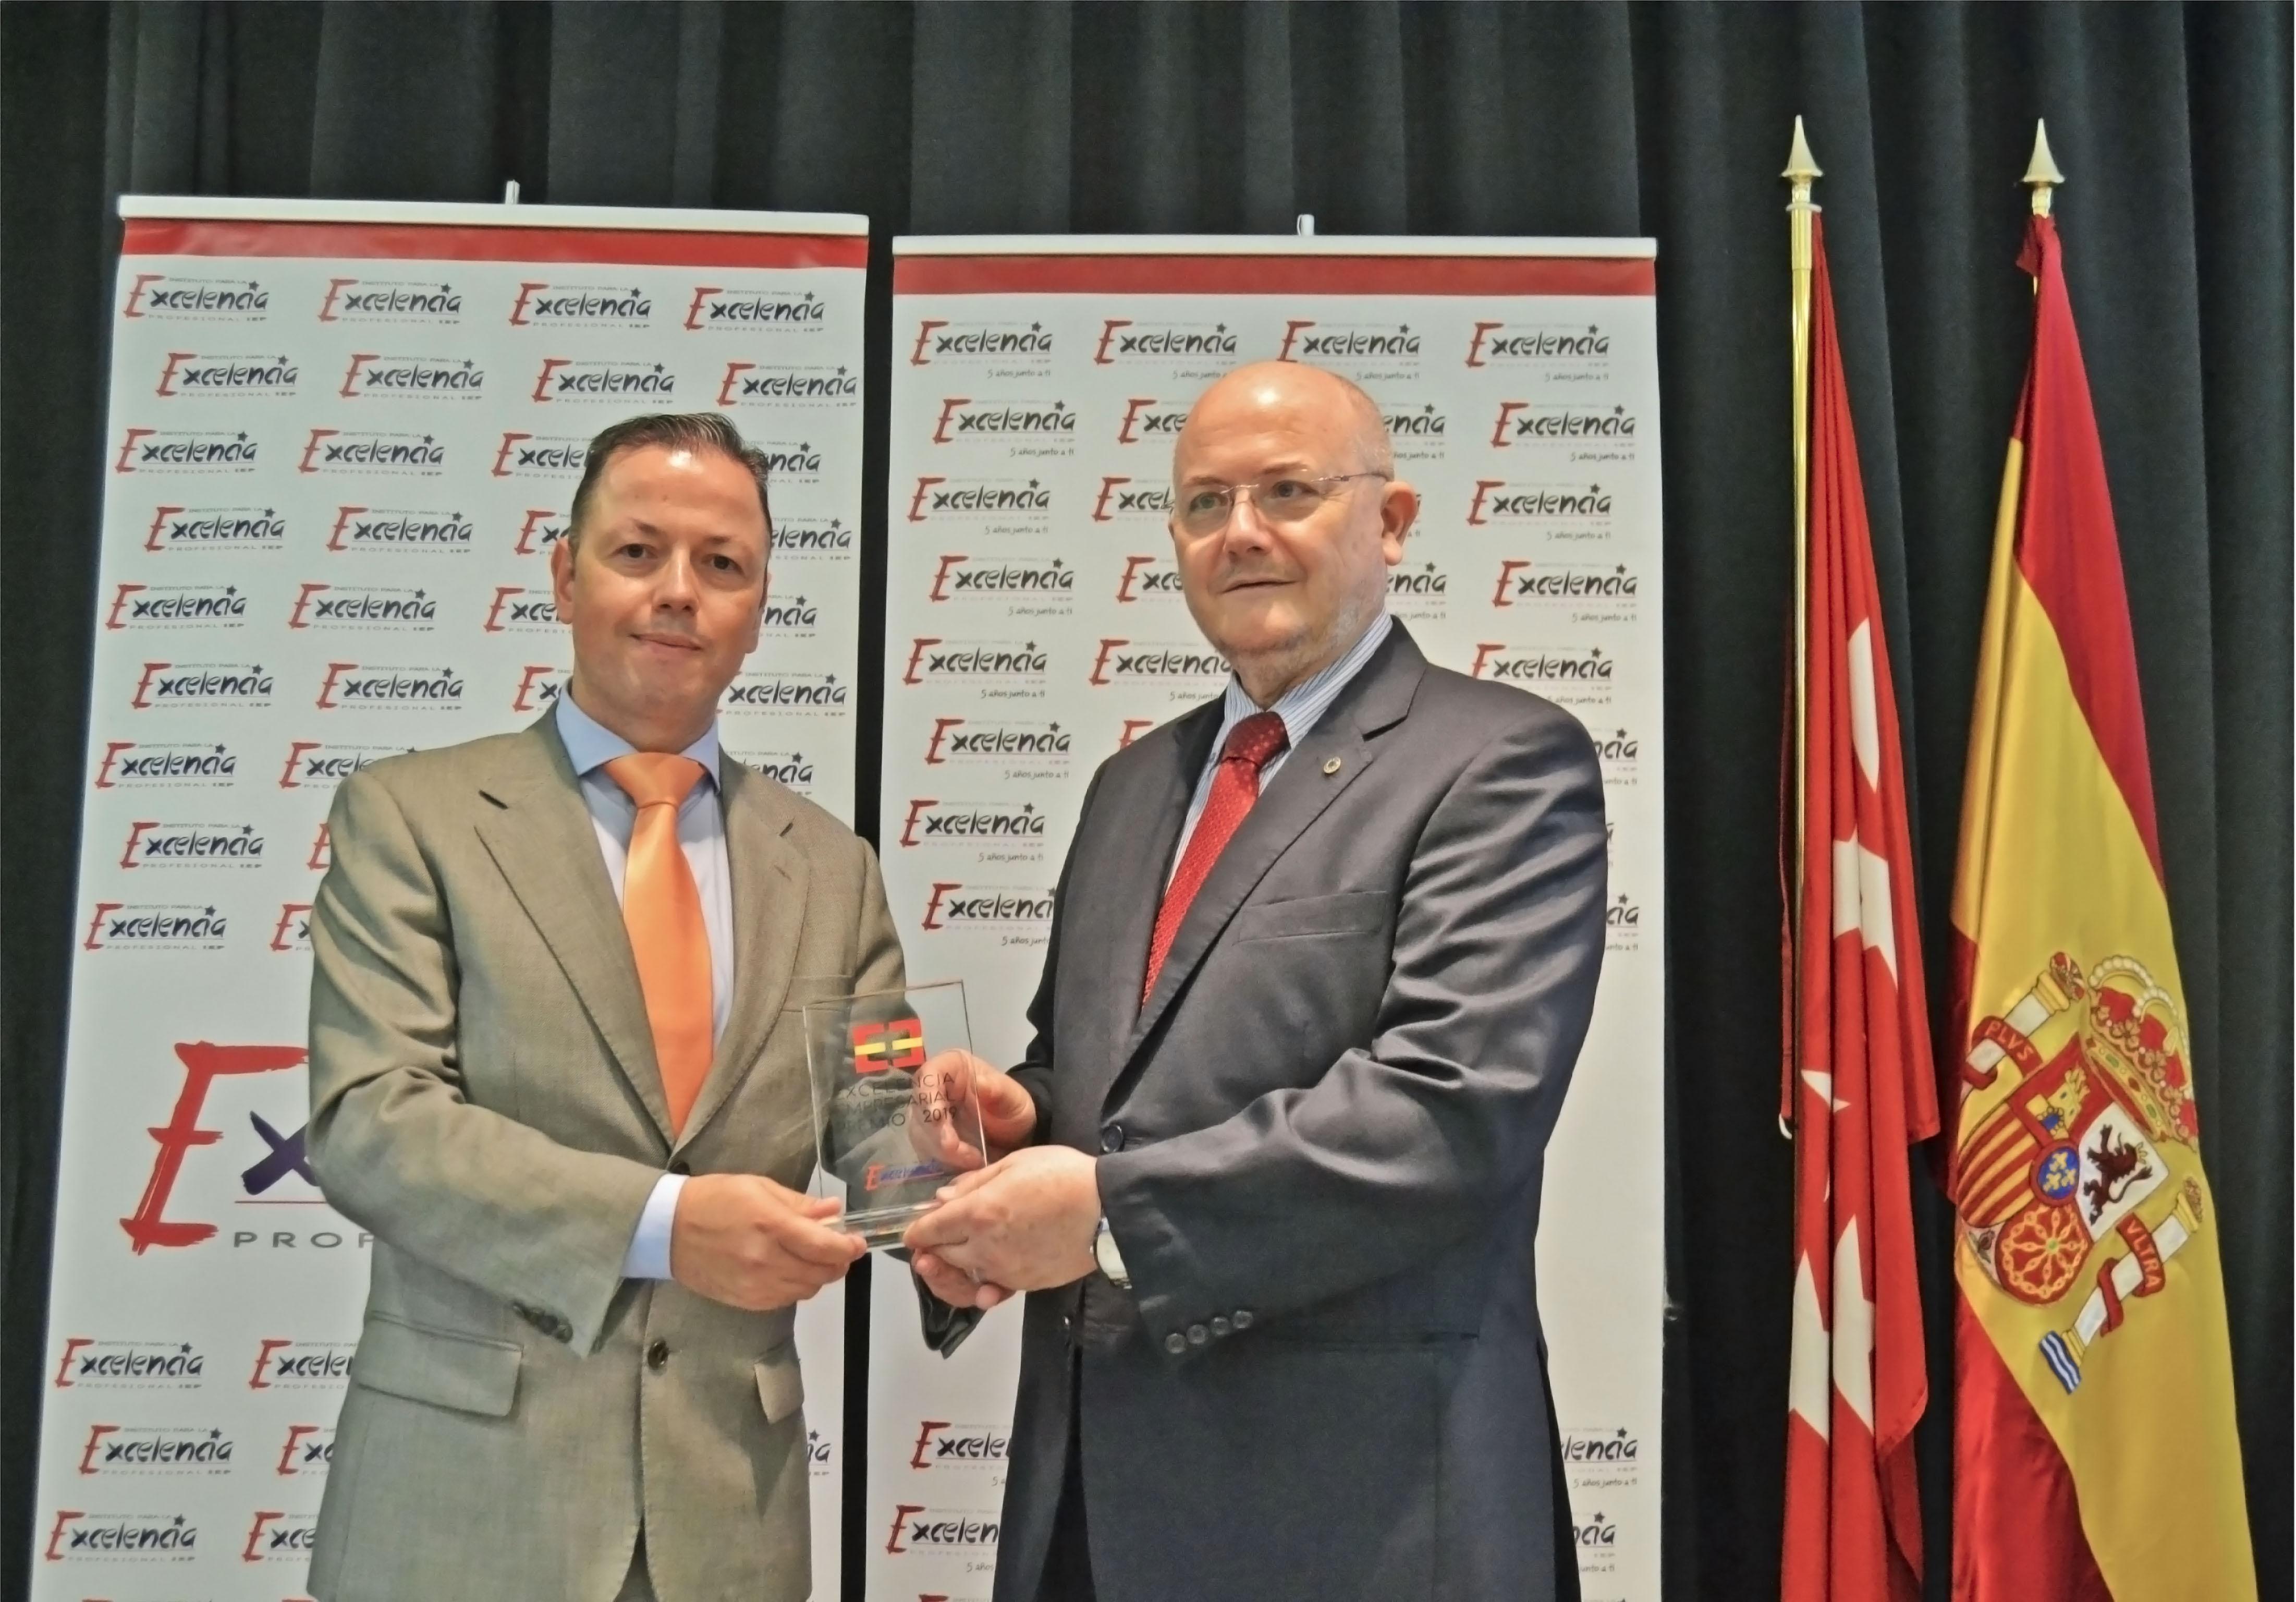 Foto de FIN&Home vuelve a ser premiada por su Excelencia